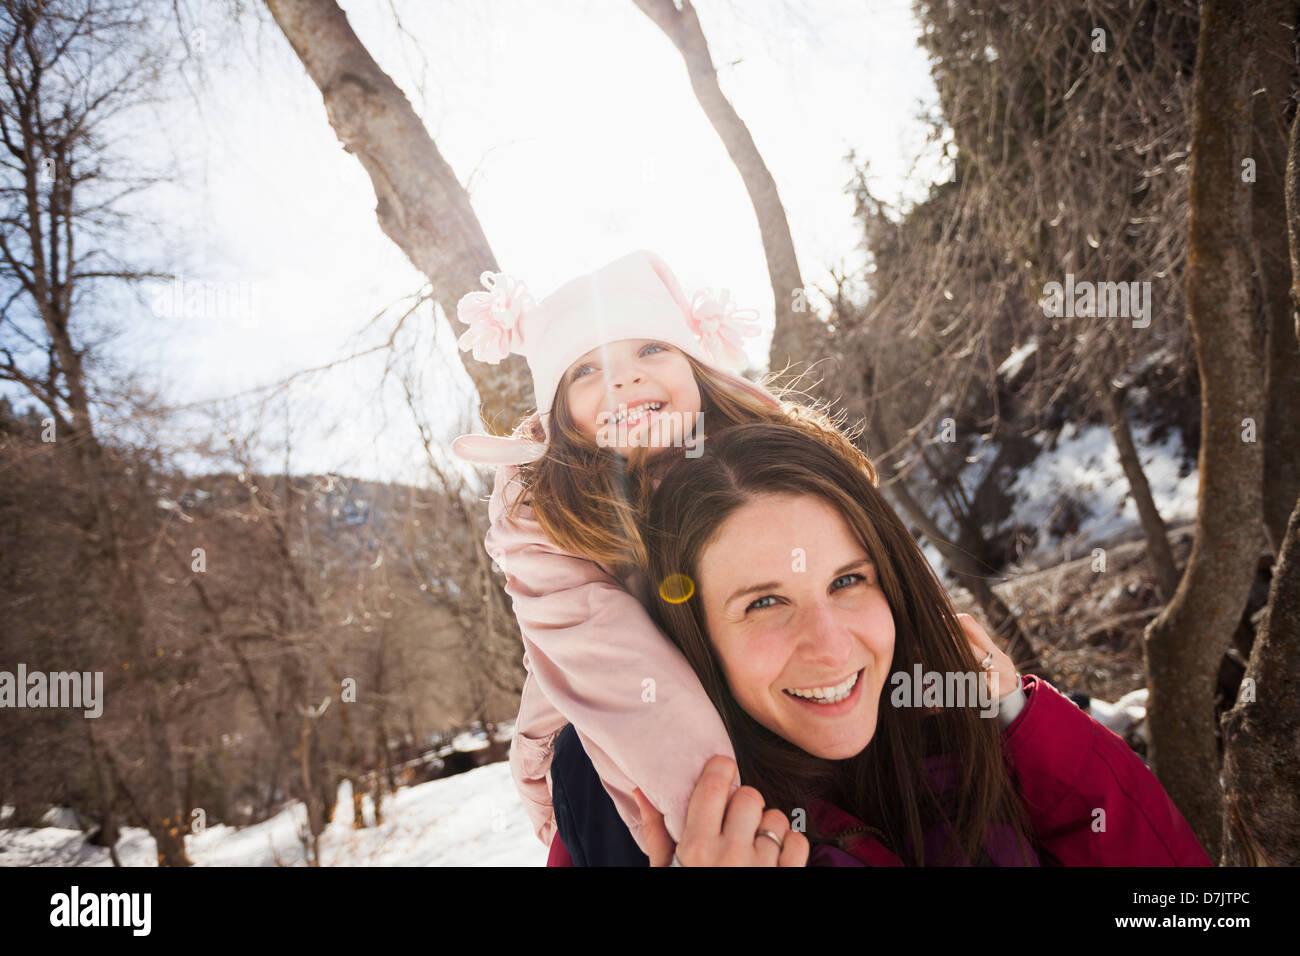 Estados Unidos, Utah, Highland, joven mujer que llevaba a su hija (2-3) sobre los hombros Imagen De Stock